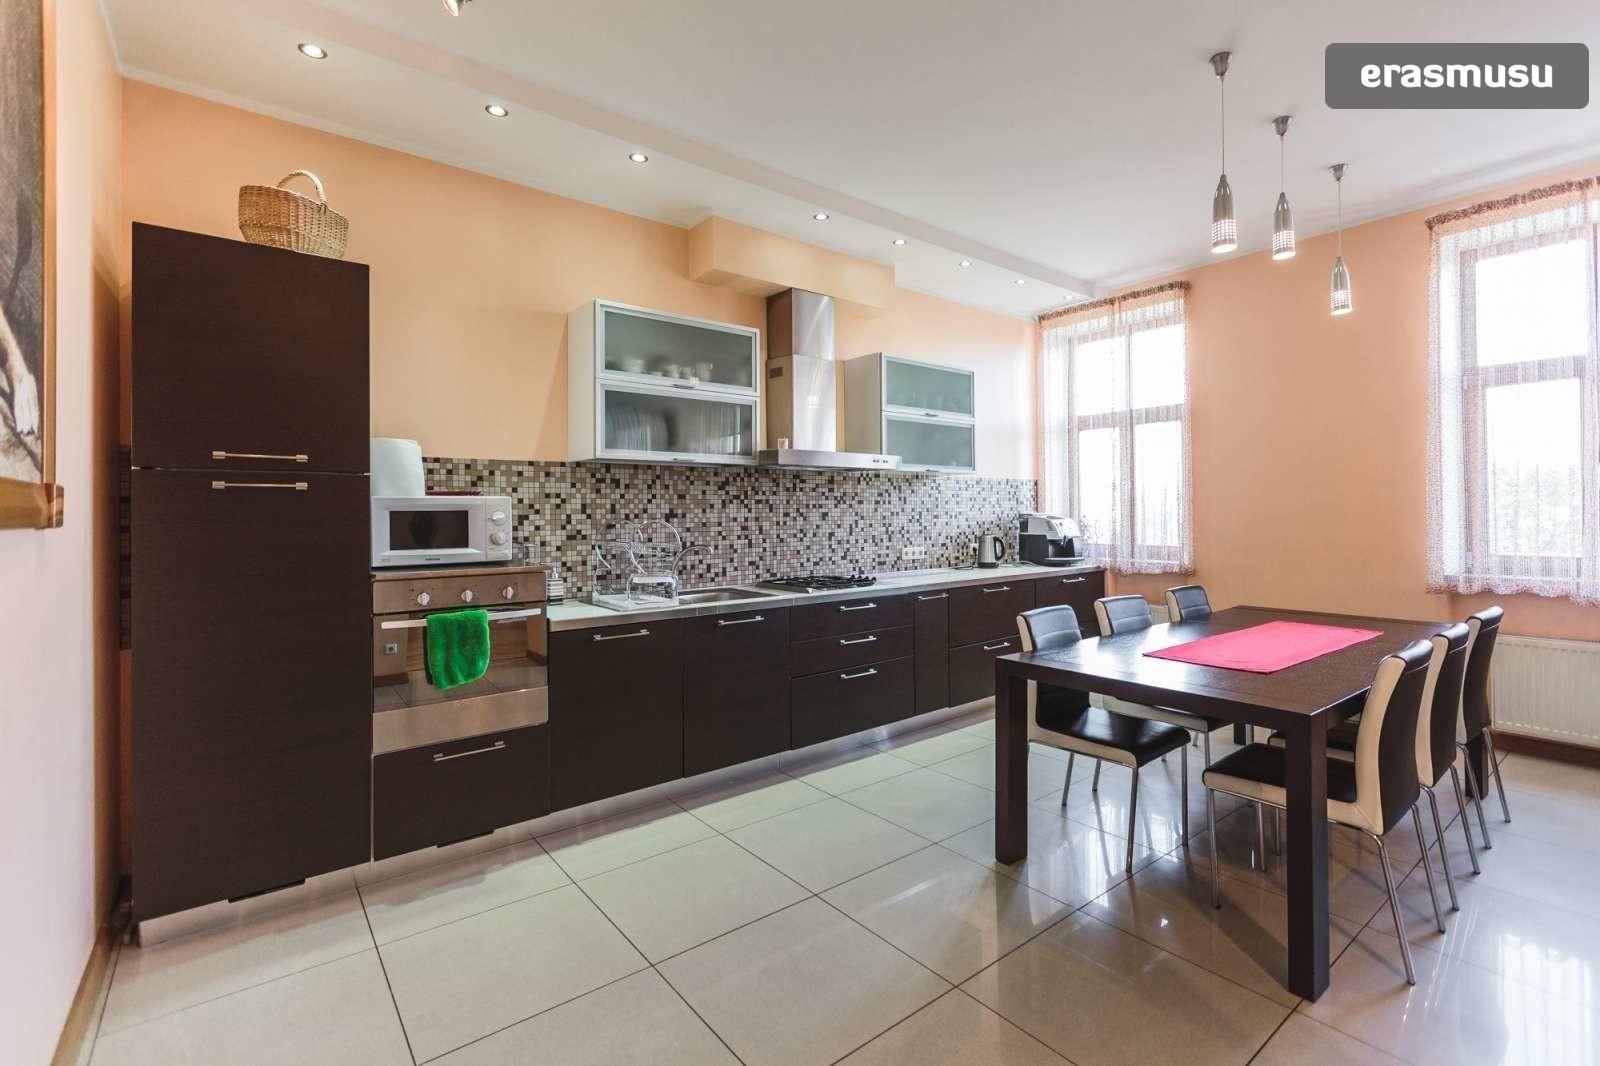 modern-4-bedroom-apartment-rent-centrs-43de28ae340eb7512e9f4601e